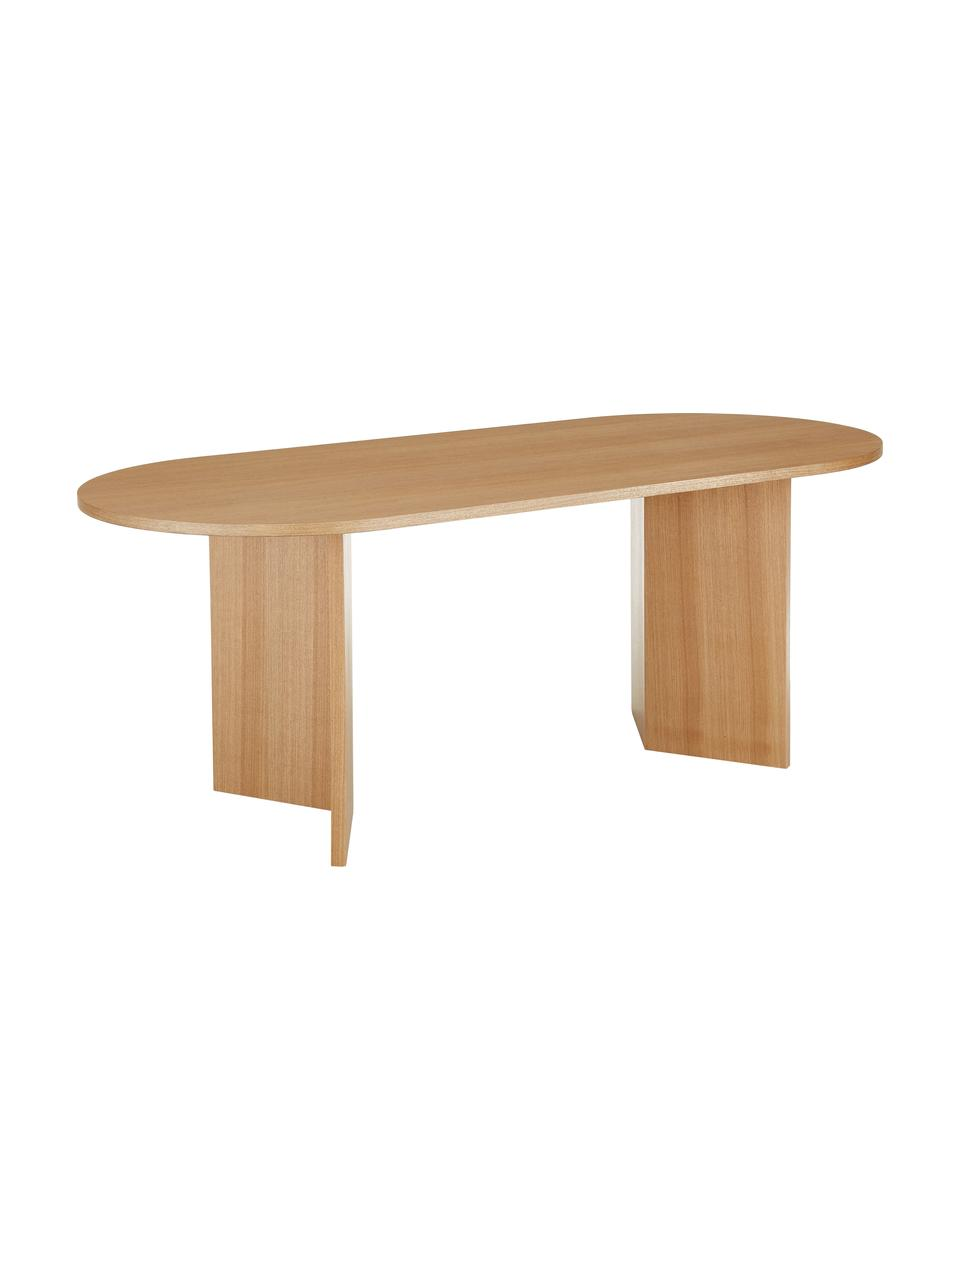 Owalny stół do jadalni z drewna Joni, Płyta pilśniowa średniej gęstości (MDF) z fornirem z drewna jesionowego, lakierowana, Okleina jesionowa, S 200 x G 90 cm